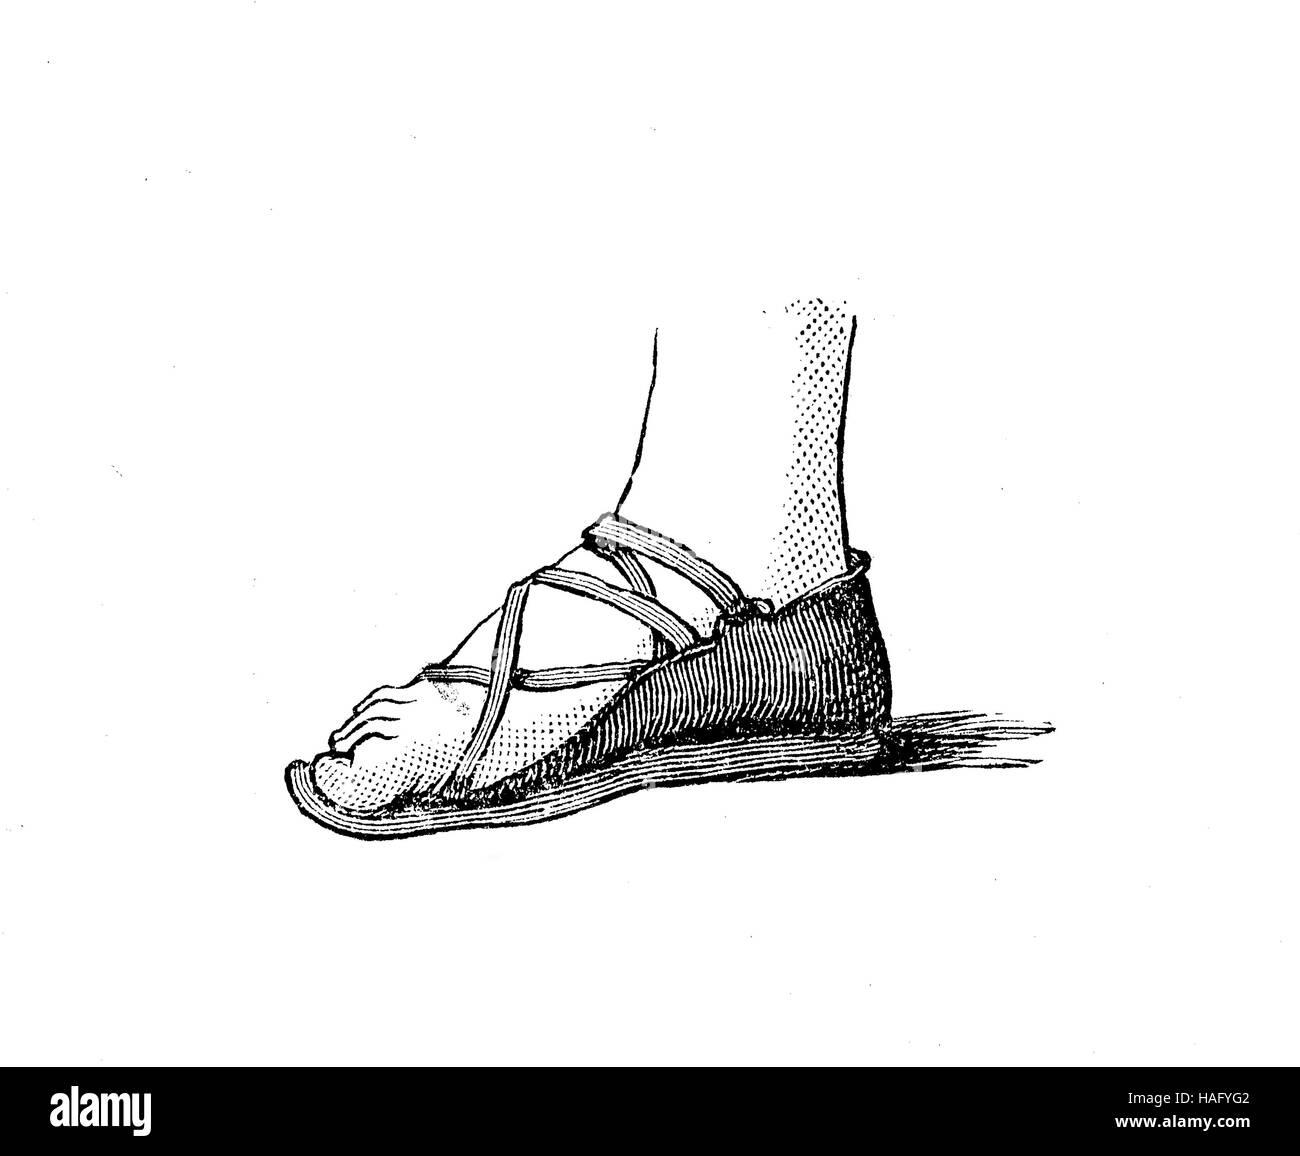 Scarpe moda del passato, una scarpa assira, 25. secolo a.c. la xilografia a partire dall'anno 1880 Immagini Stock